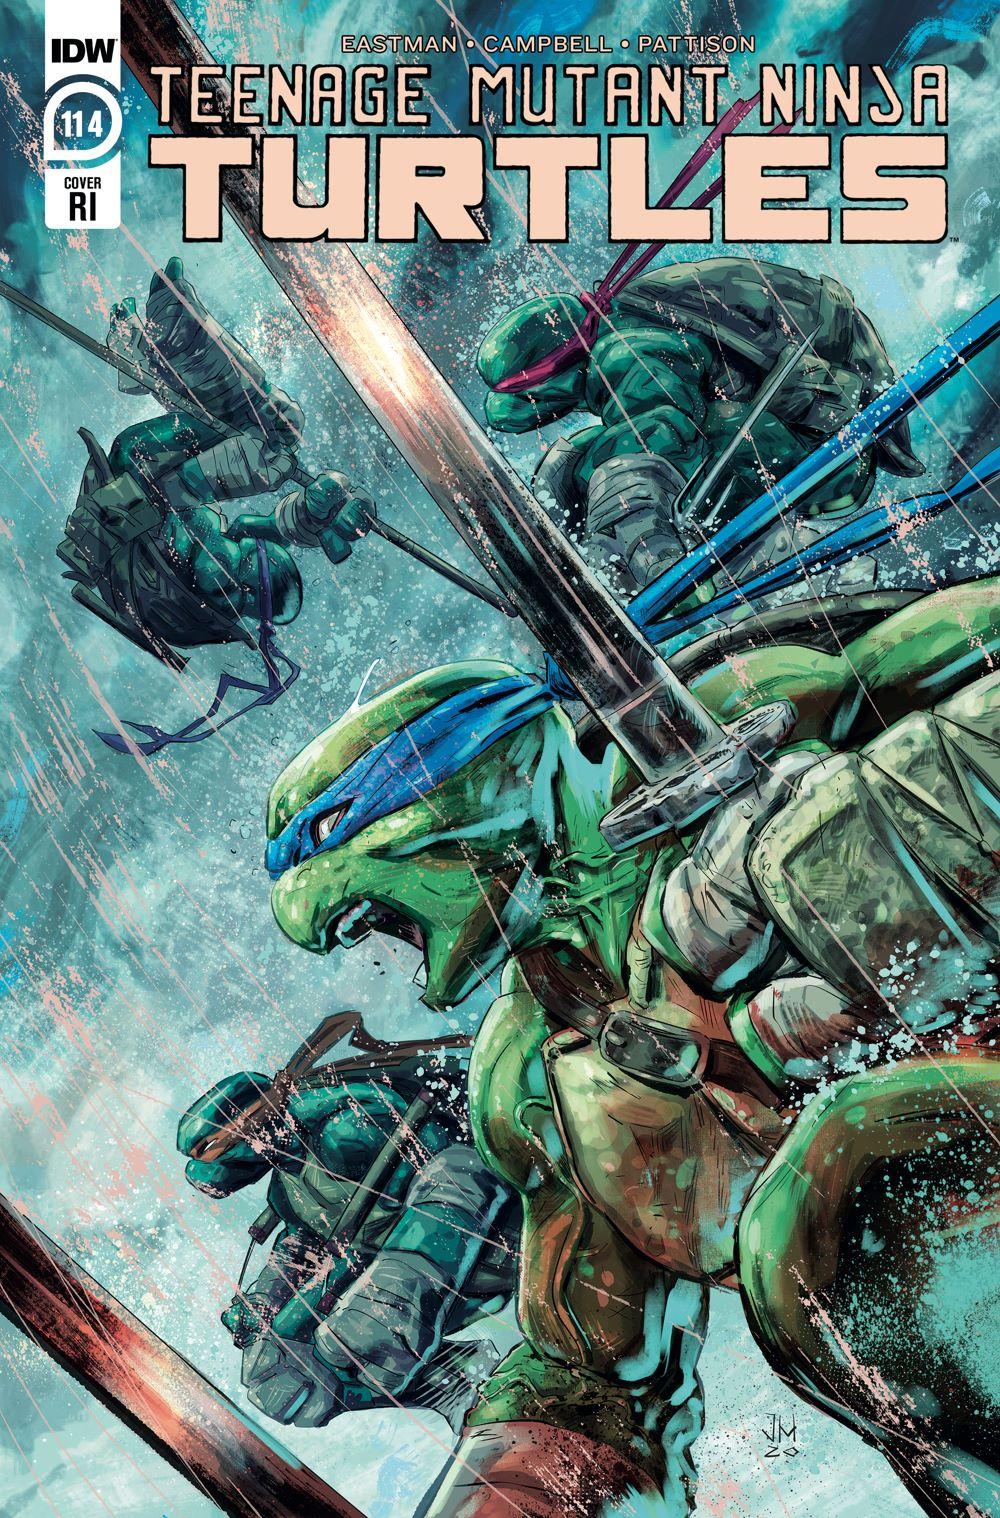 TMNT114_cvrRI ComicList Previews: TEENAGE MUTANT NINJA TURTLES #114